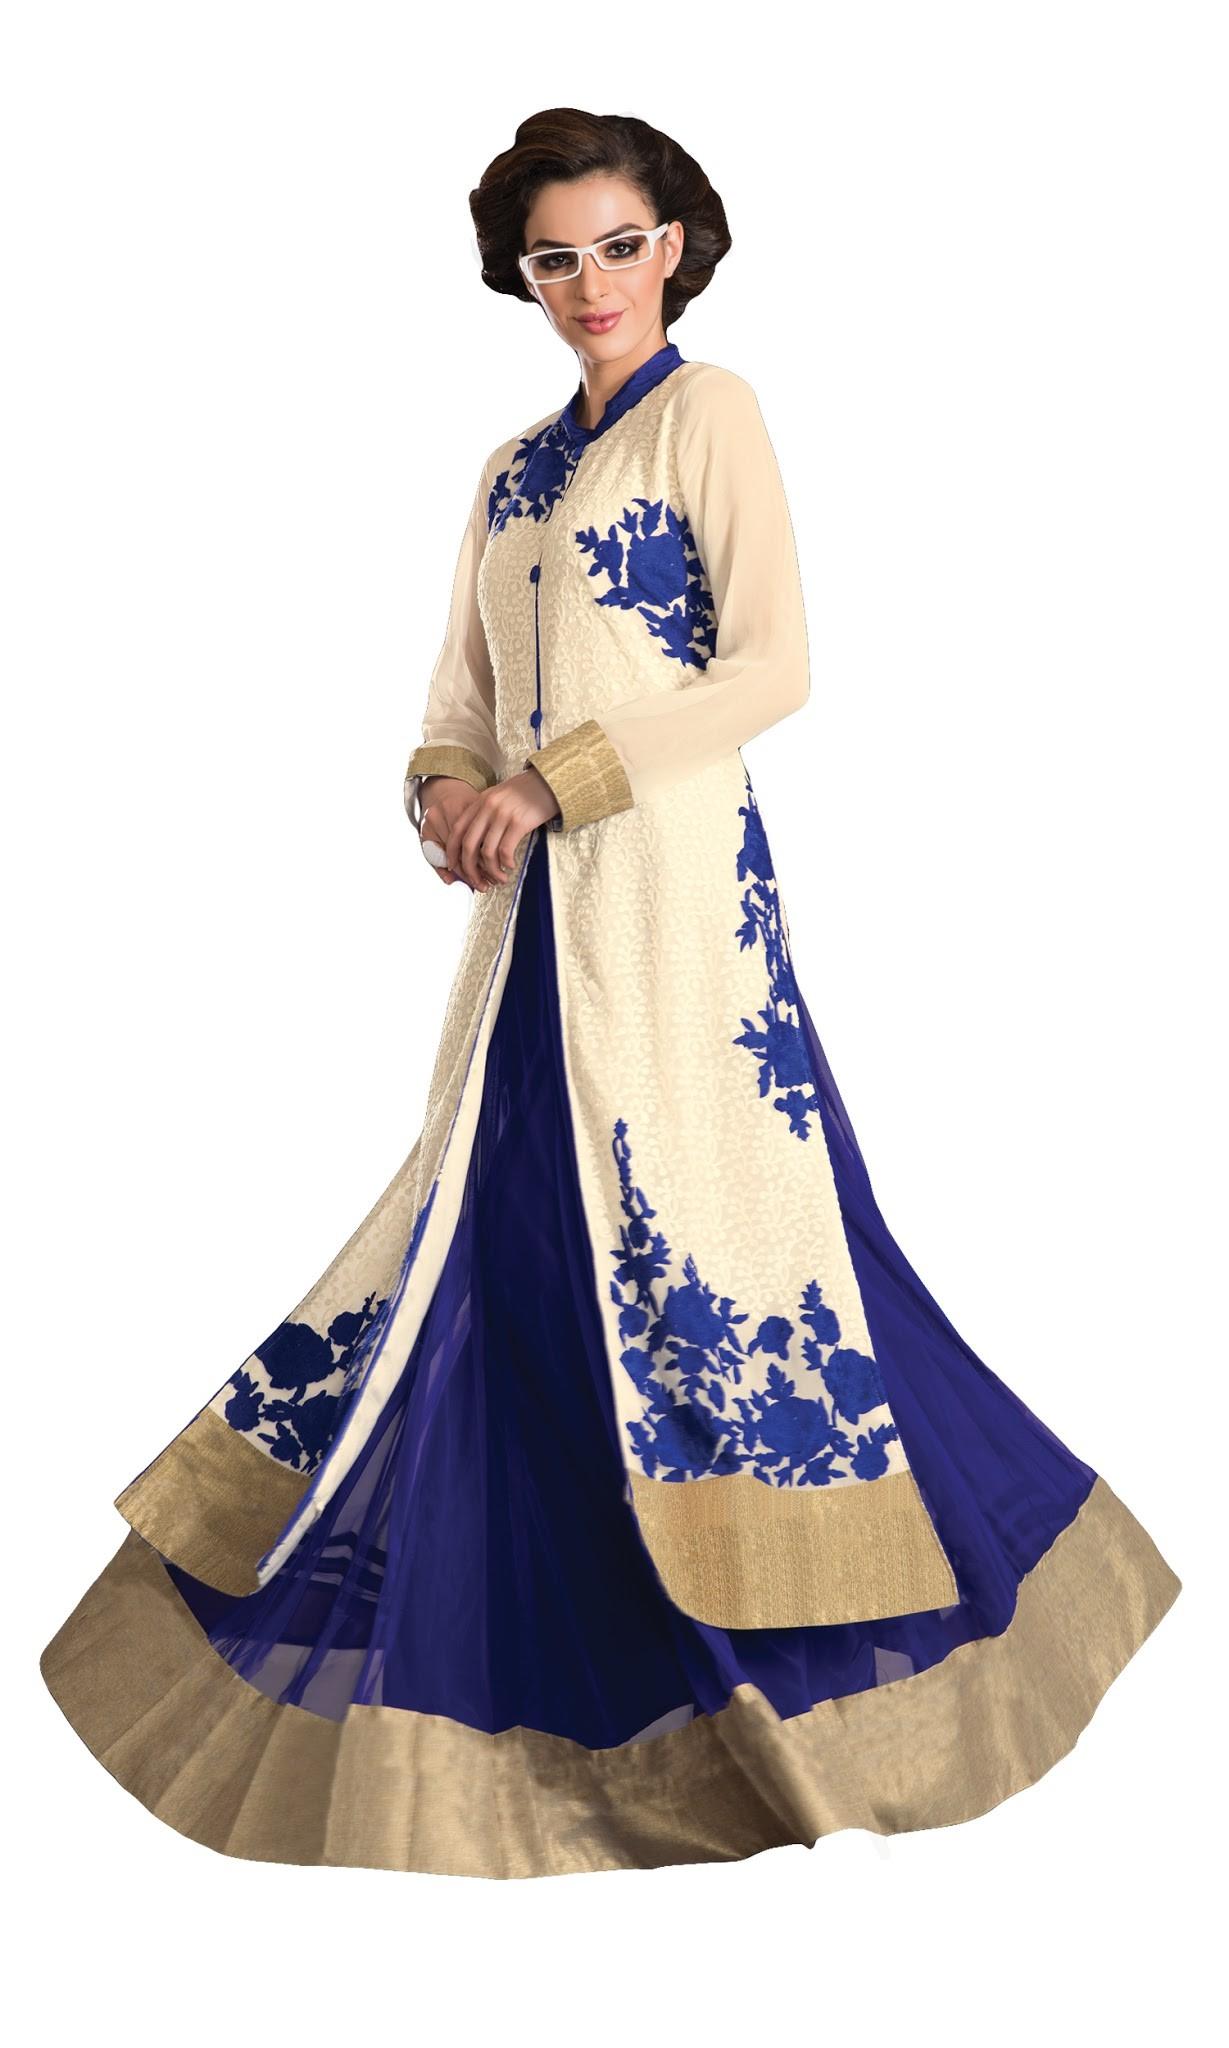 designer dress royal blue-white color designer party wear dress-embroidery work designer  dress xxtuhyt